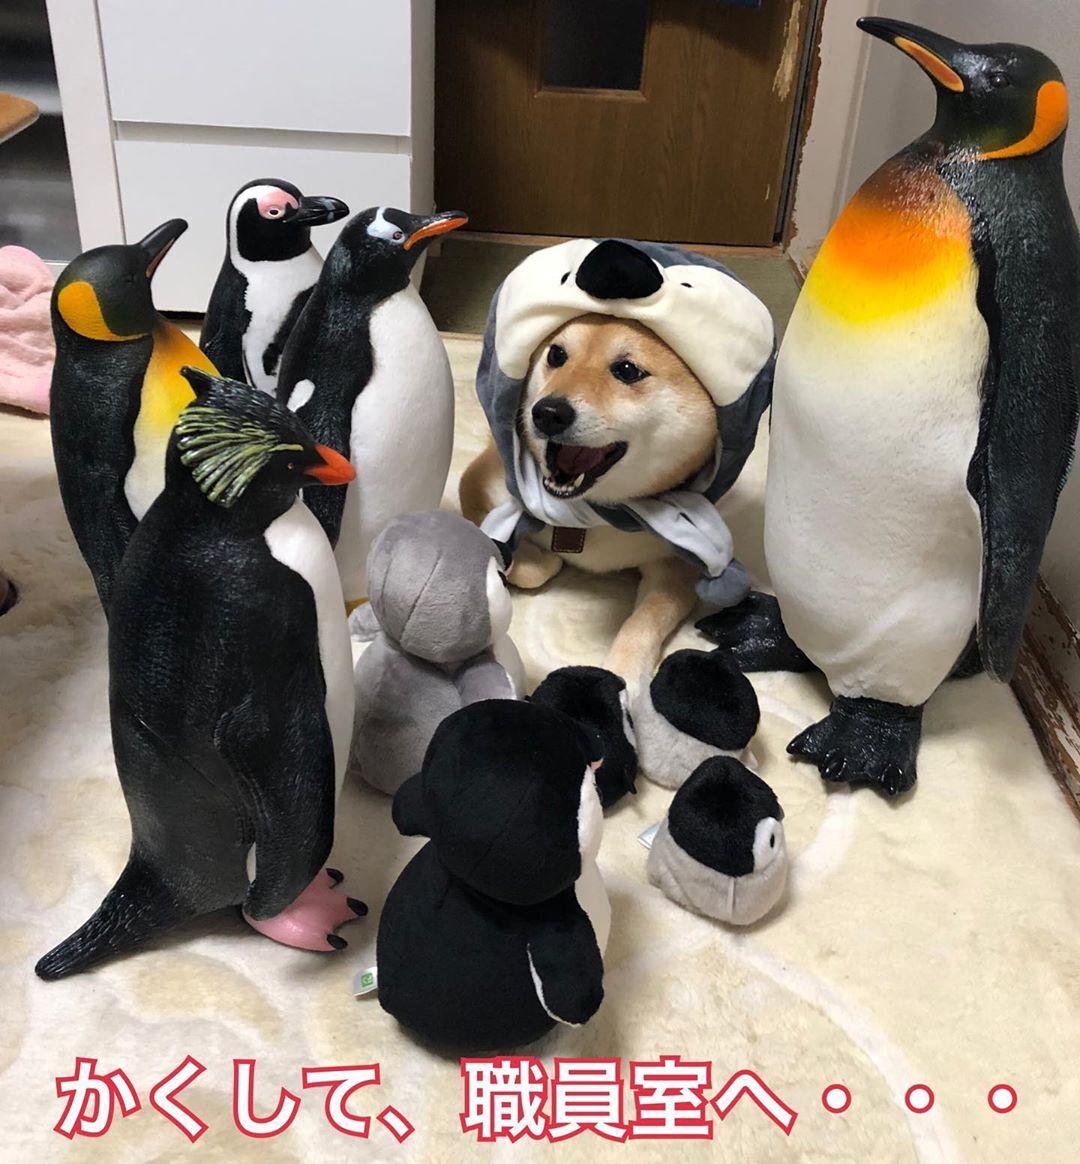 汪界最萌coser!柴柴「扮演卡通角色」爆紅 「無臉柴」萌翻全網